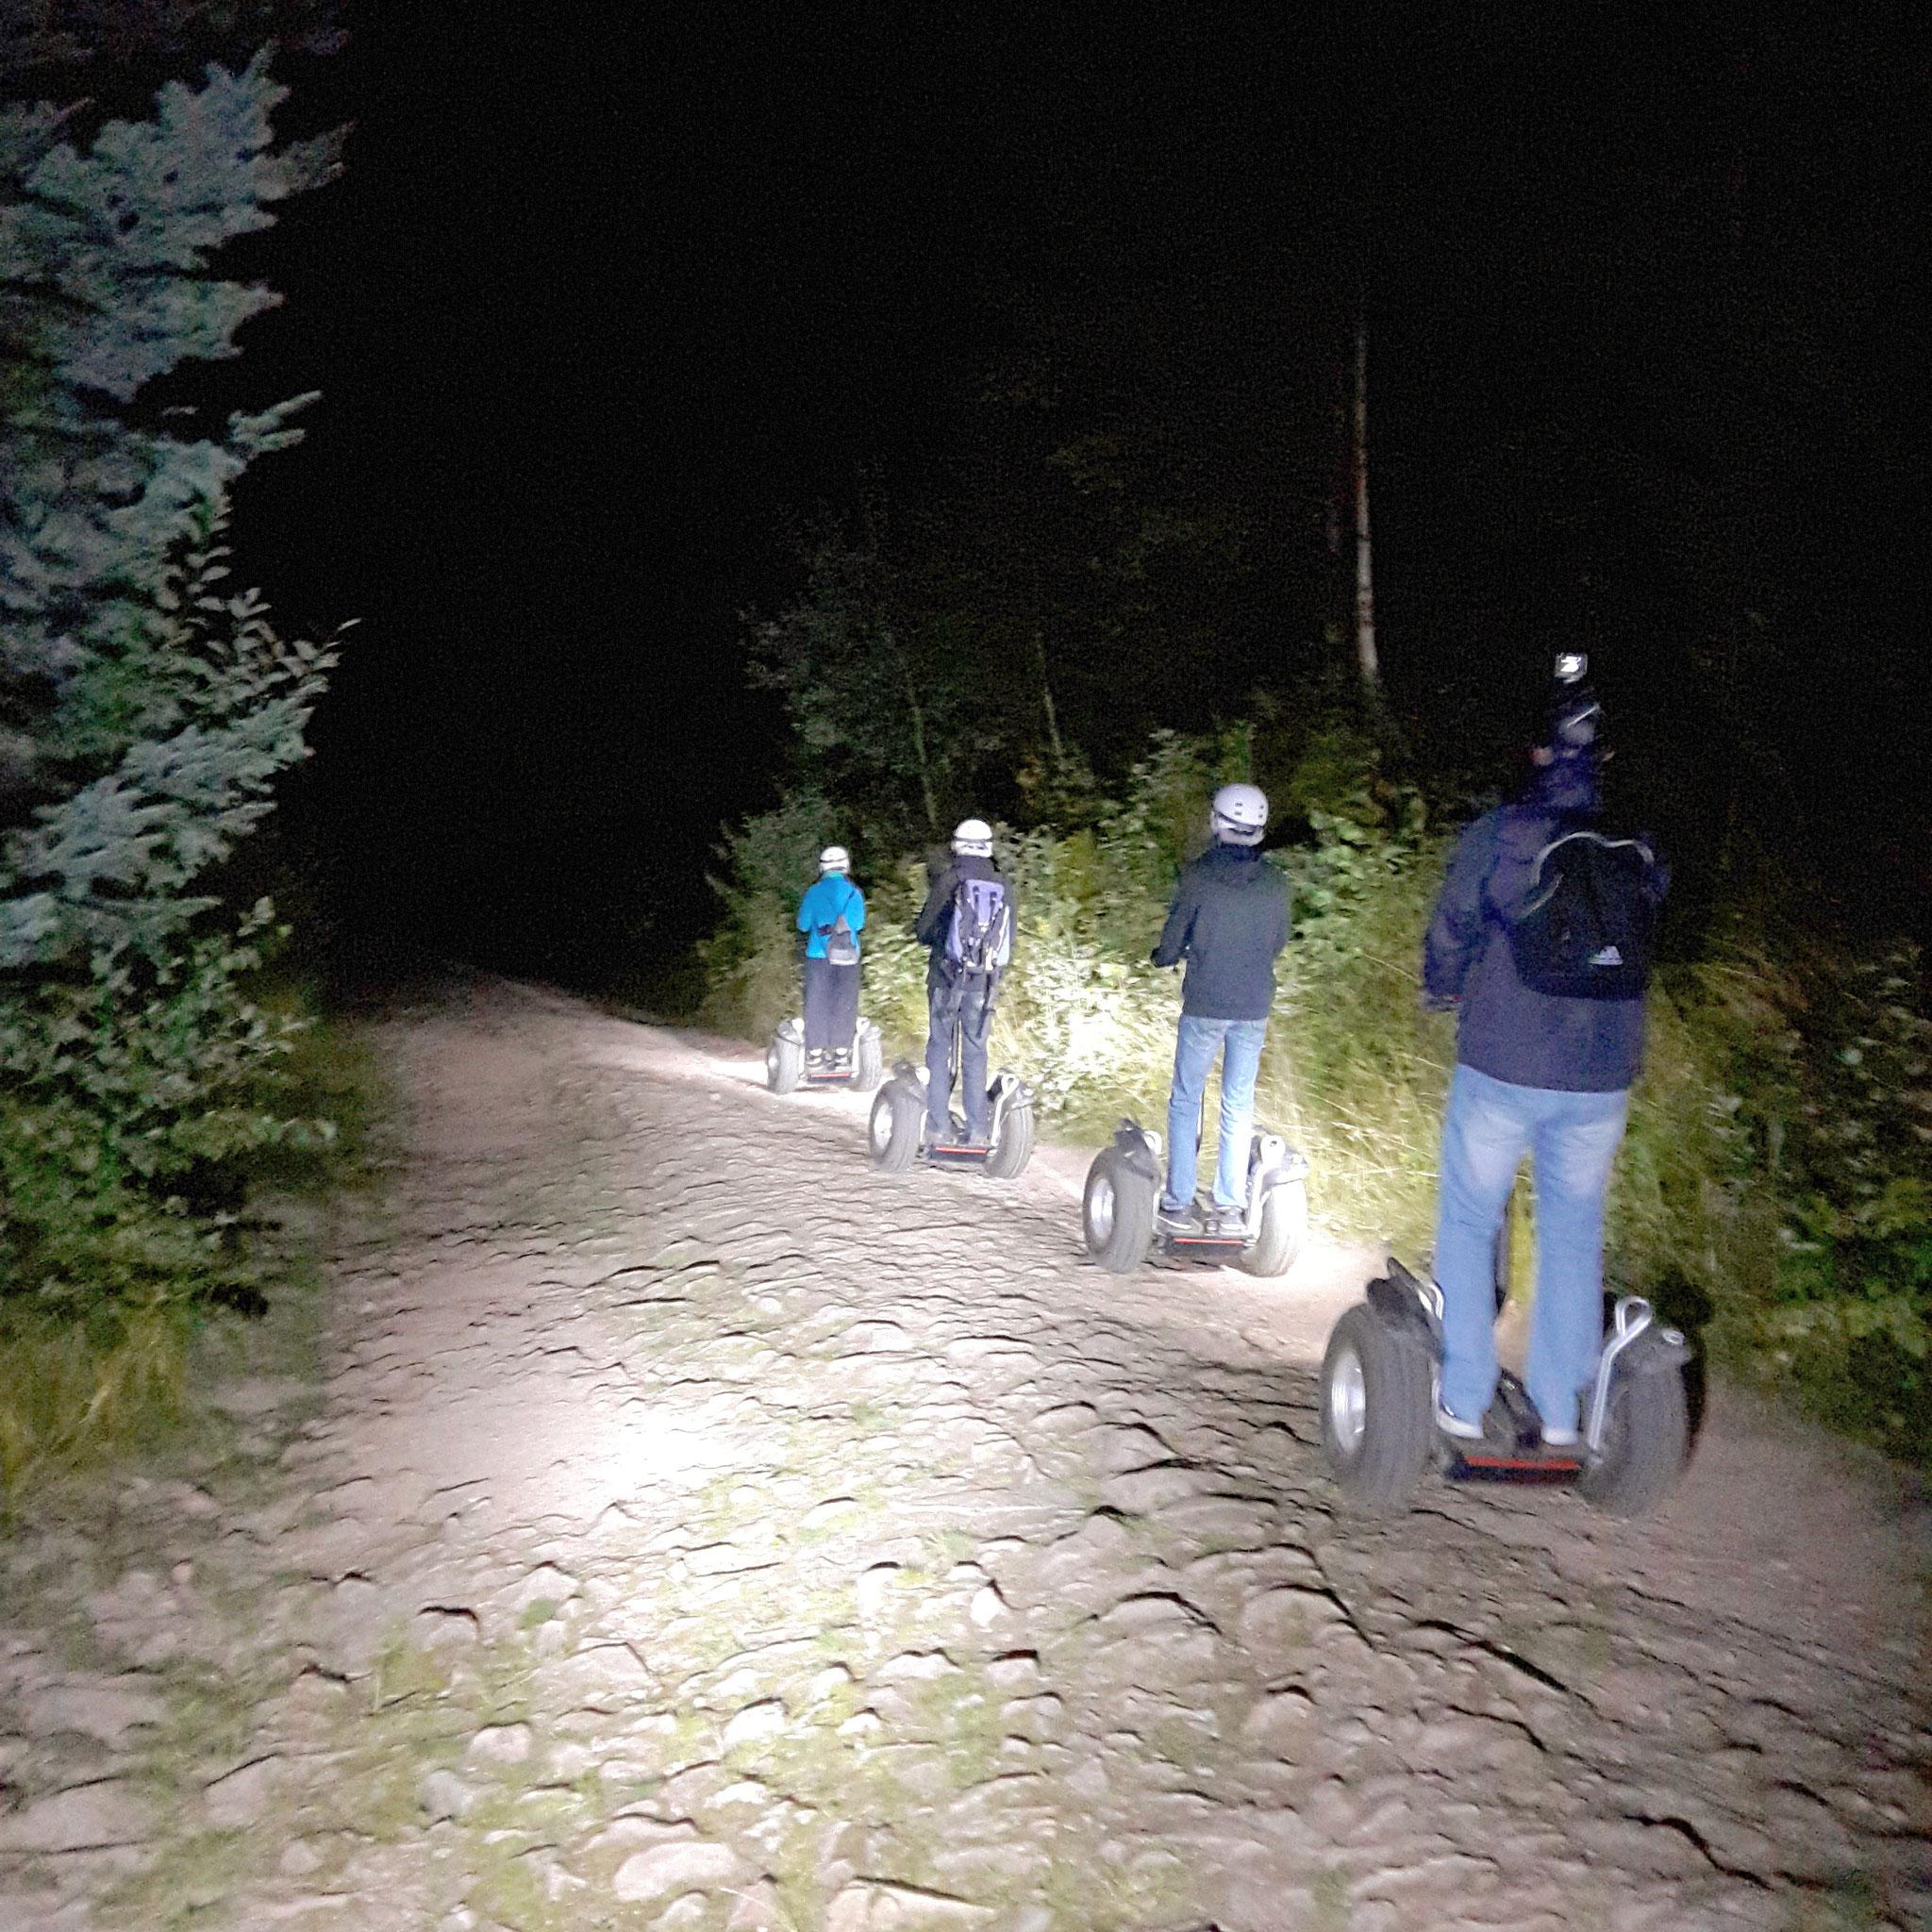 Ferme auberge Strohberg - retour nocturne avec les loups!